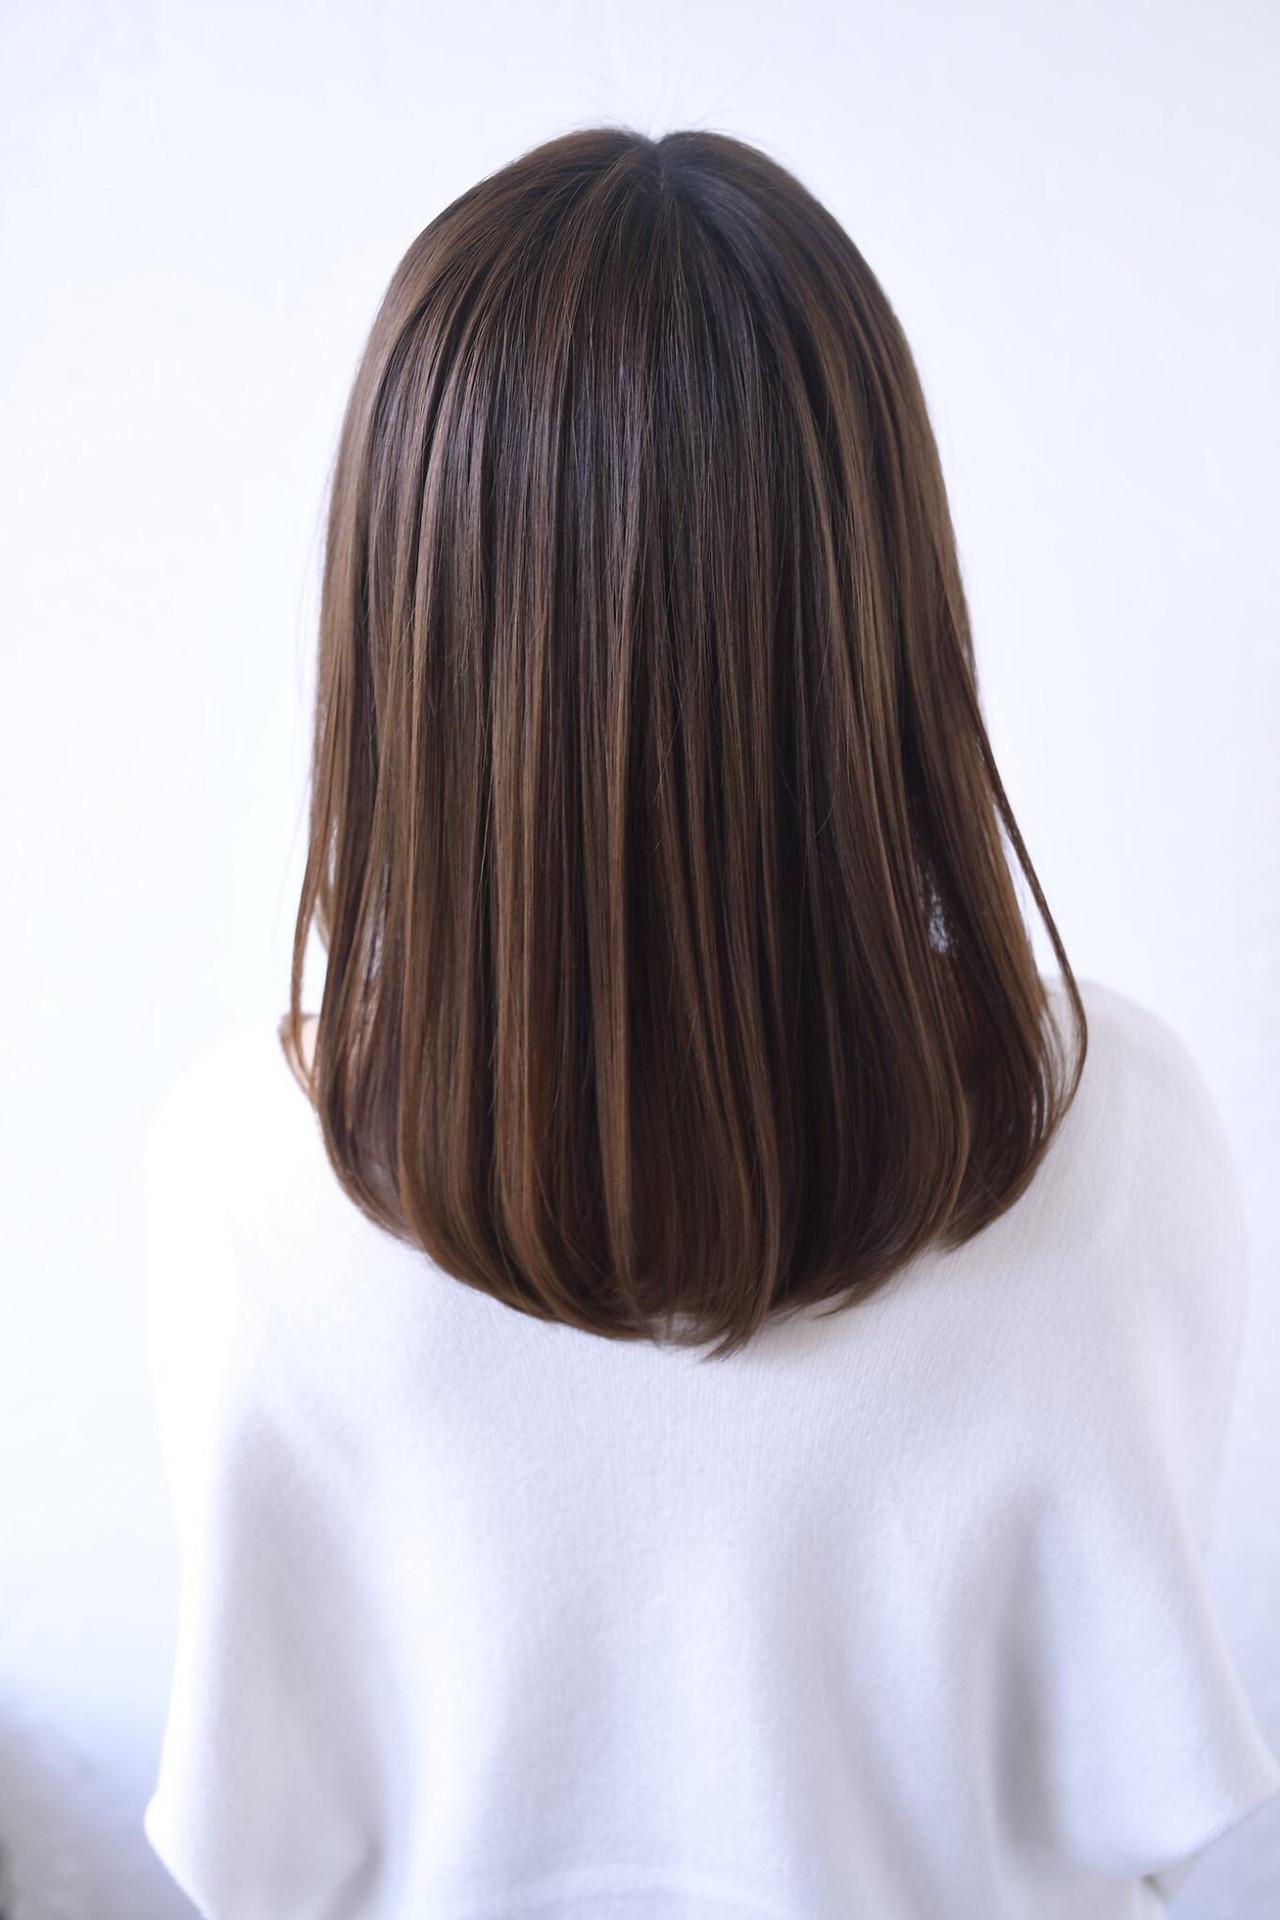 ストレート 美髪 内巻き 似合わせカット ヘアスタイルや髪型の写真・画像